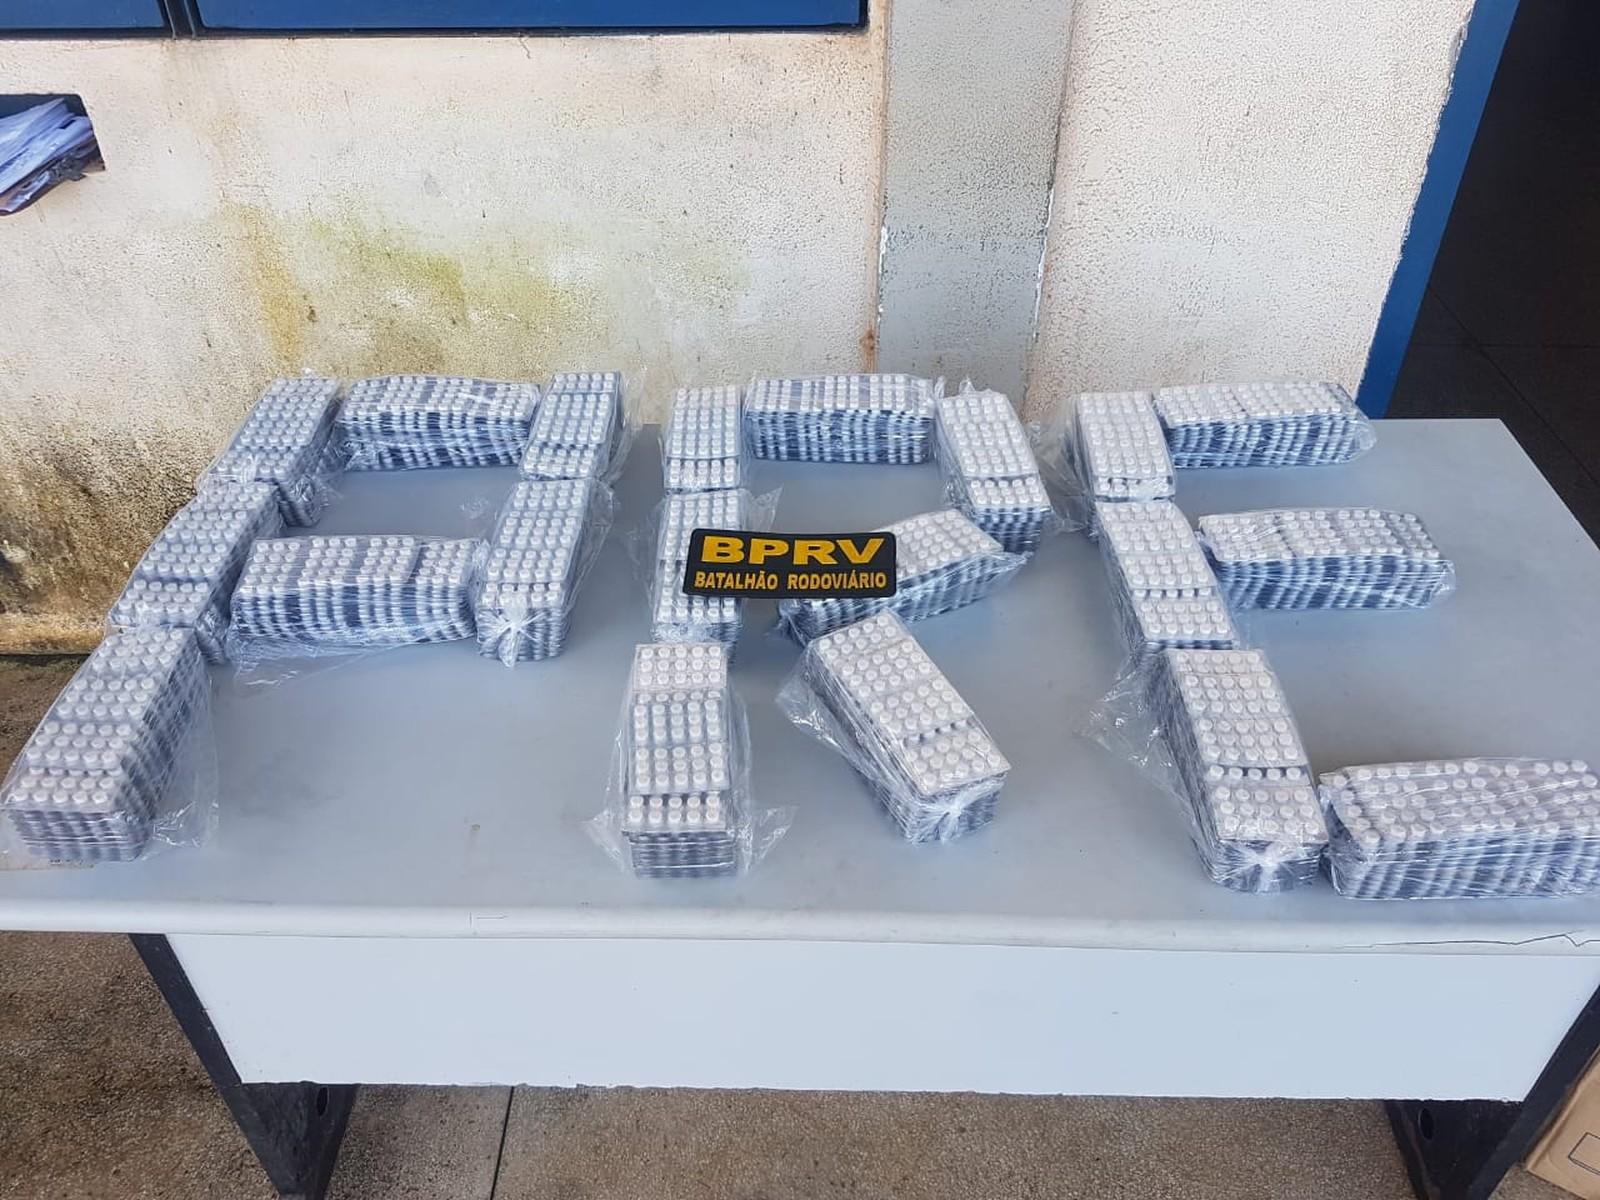 15 mil comprimidos de exctasy são apreendidos em ônibus no PA